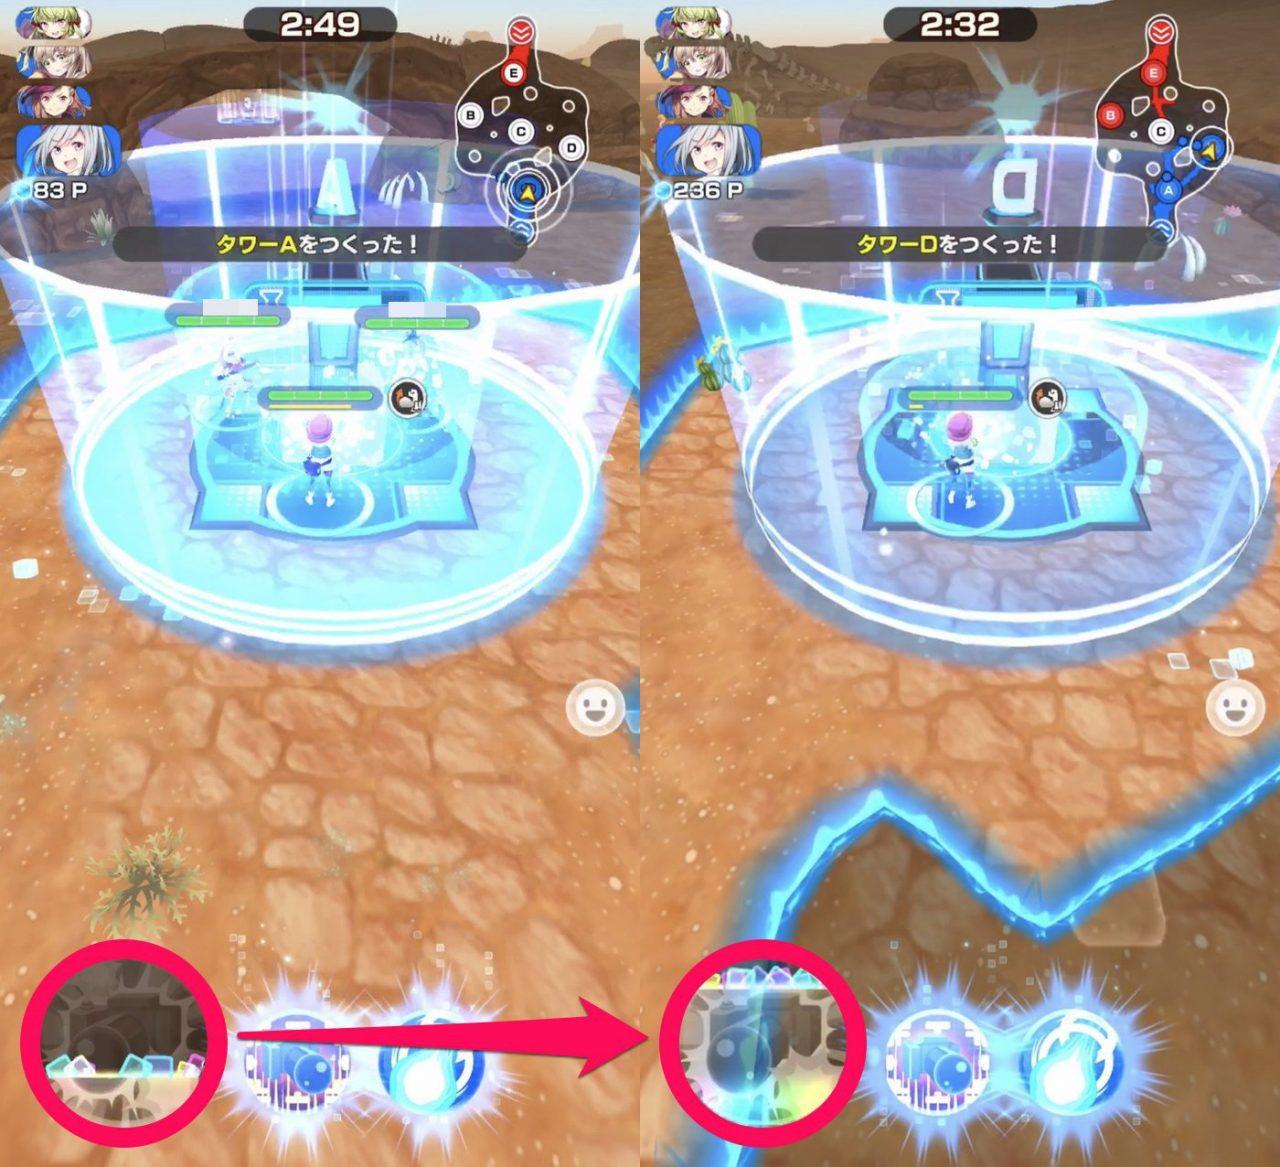 リンクスリングス攻略:ニコルの立ち回り方とおすすめ装備【9/30更新】